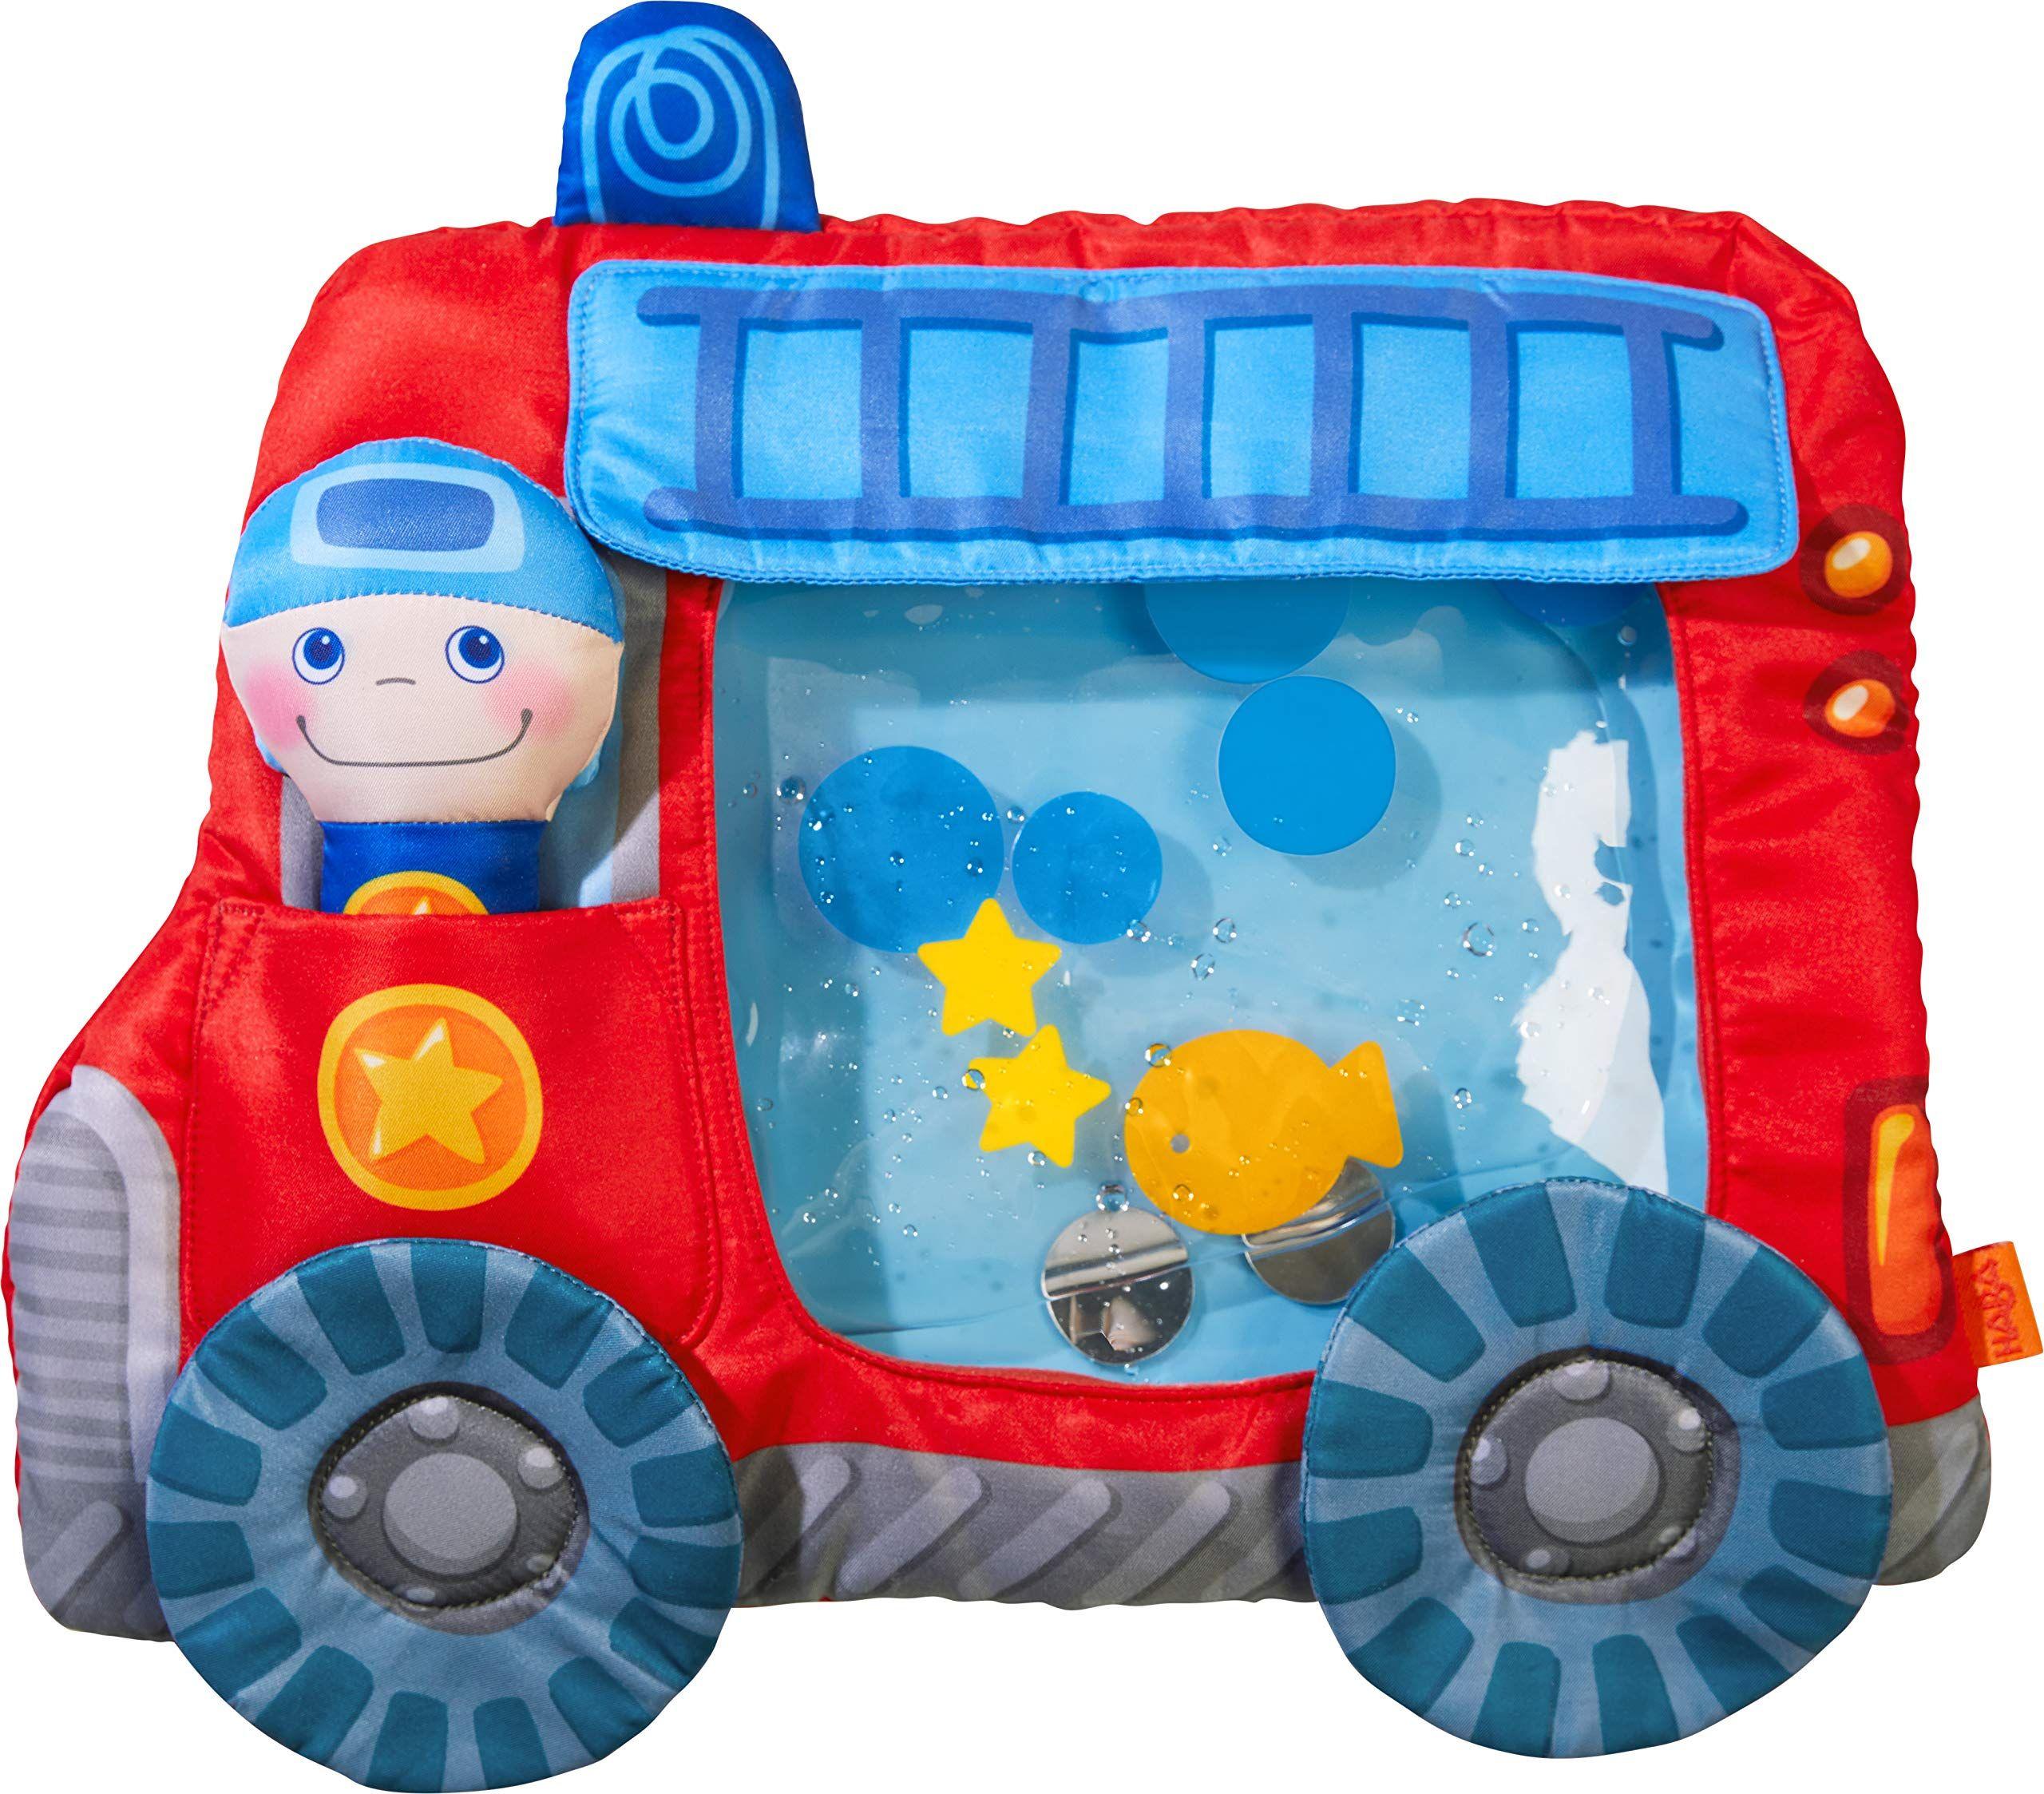 Haba 303820 Wasserspielmatte Feuerwehr Wasserbef Lltes Baby Spielzeug Mit Schwimmelementen Quietschelement Und Herausnehmbarer Figur Ab 6 Monaten Advents In 2020